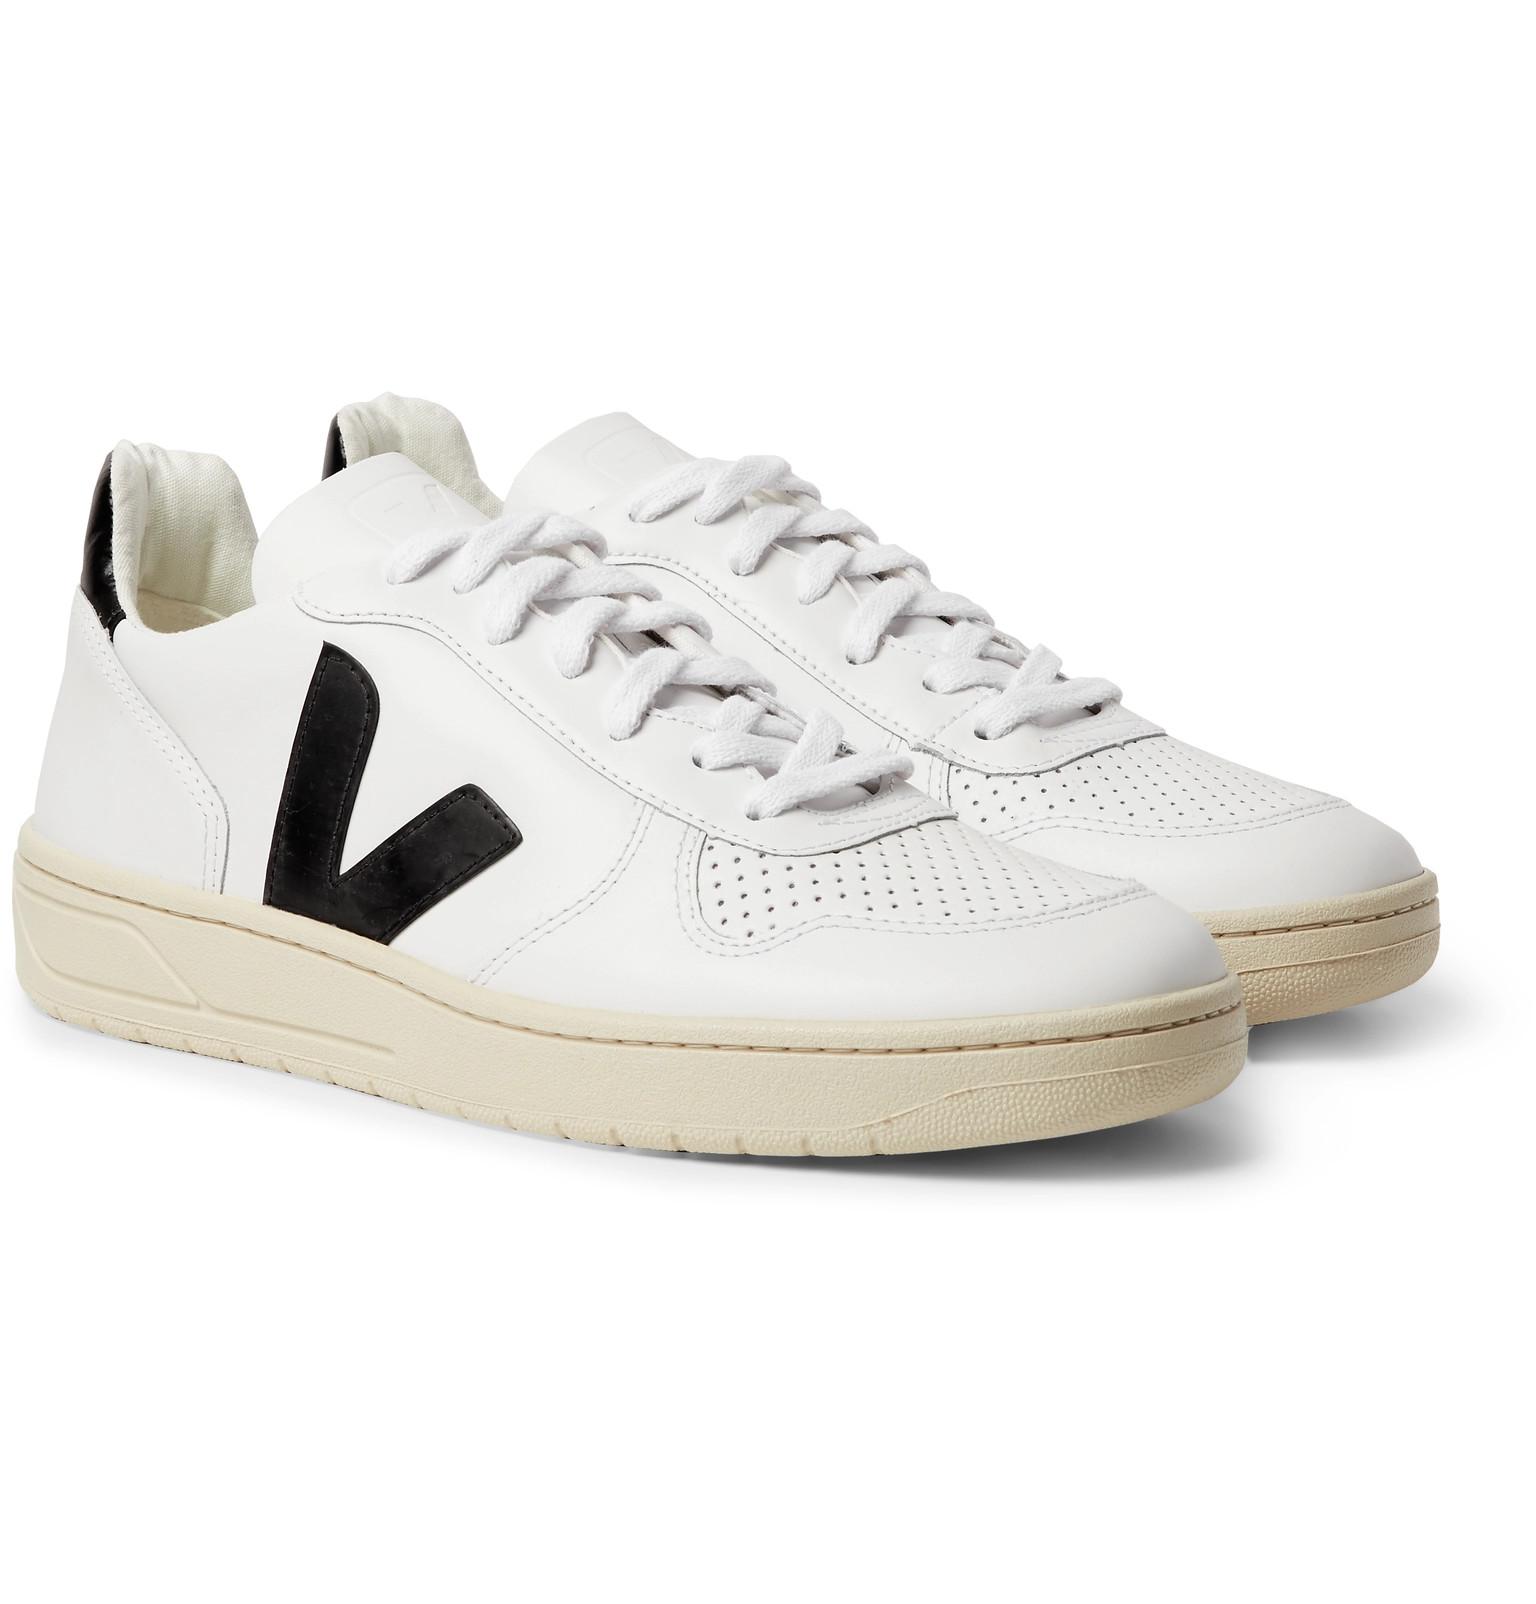 Die besten weißen Sneaker 2020: Veja white sneakers